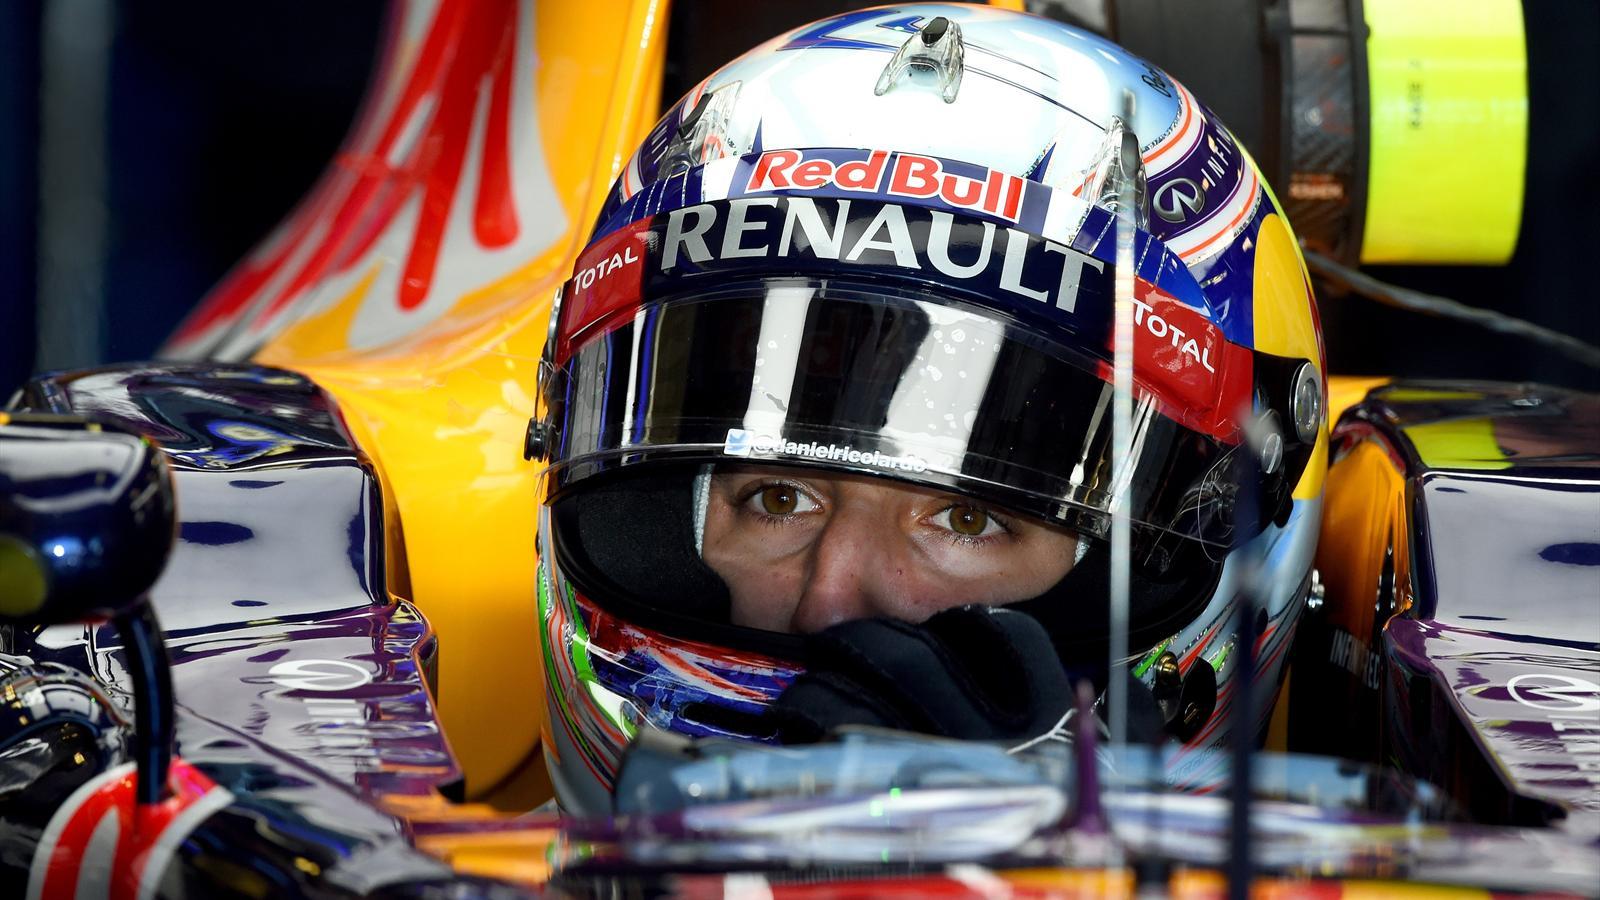 Spécial Sebastian Vettel (Formule un) - Page 18 1434876-30694398-1600-900